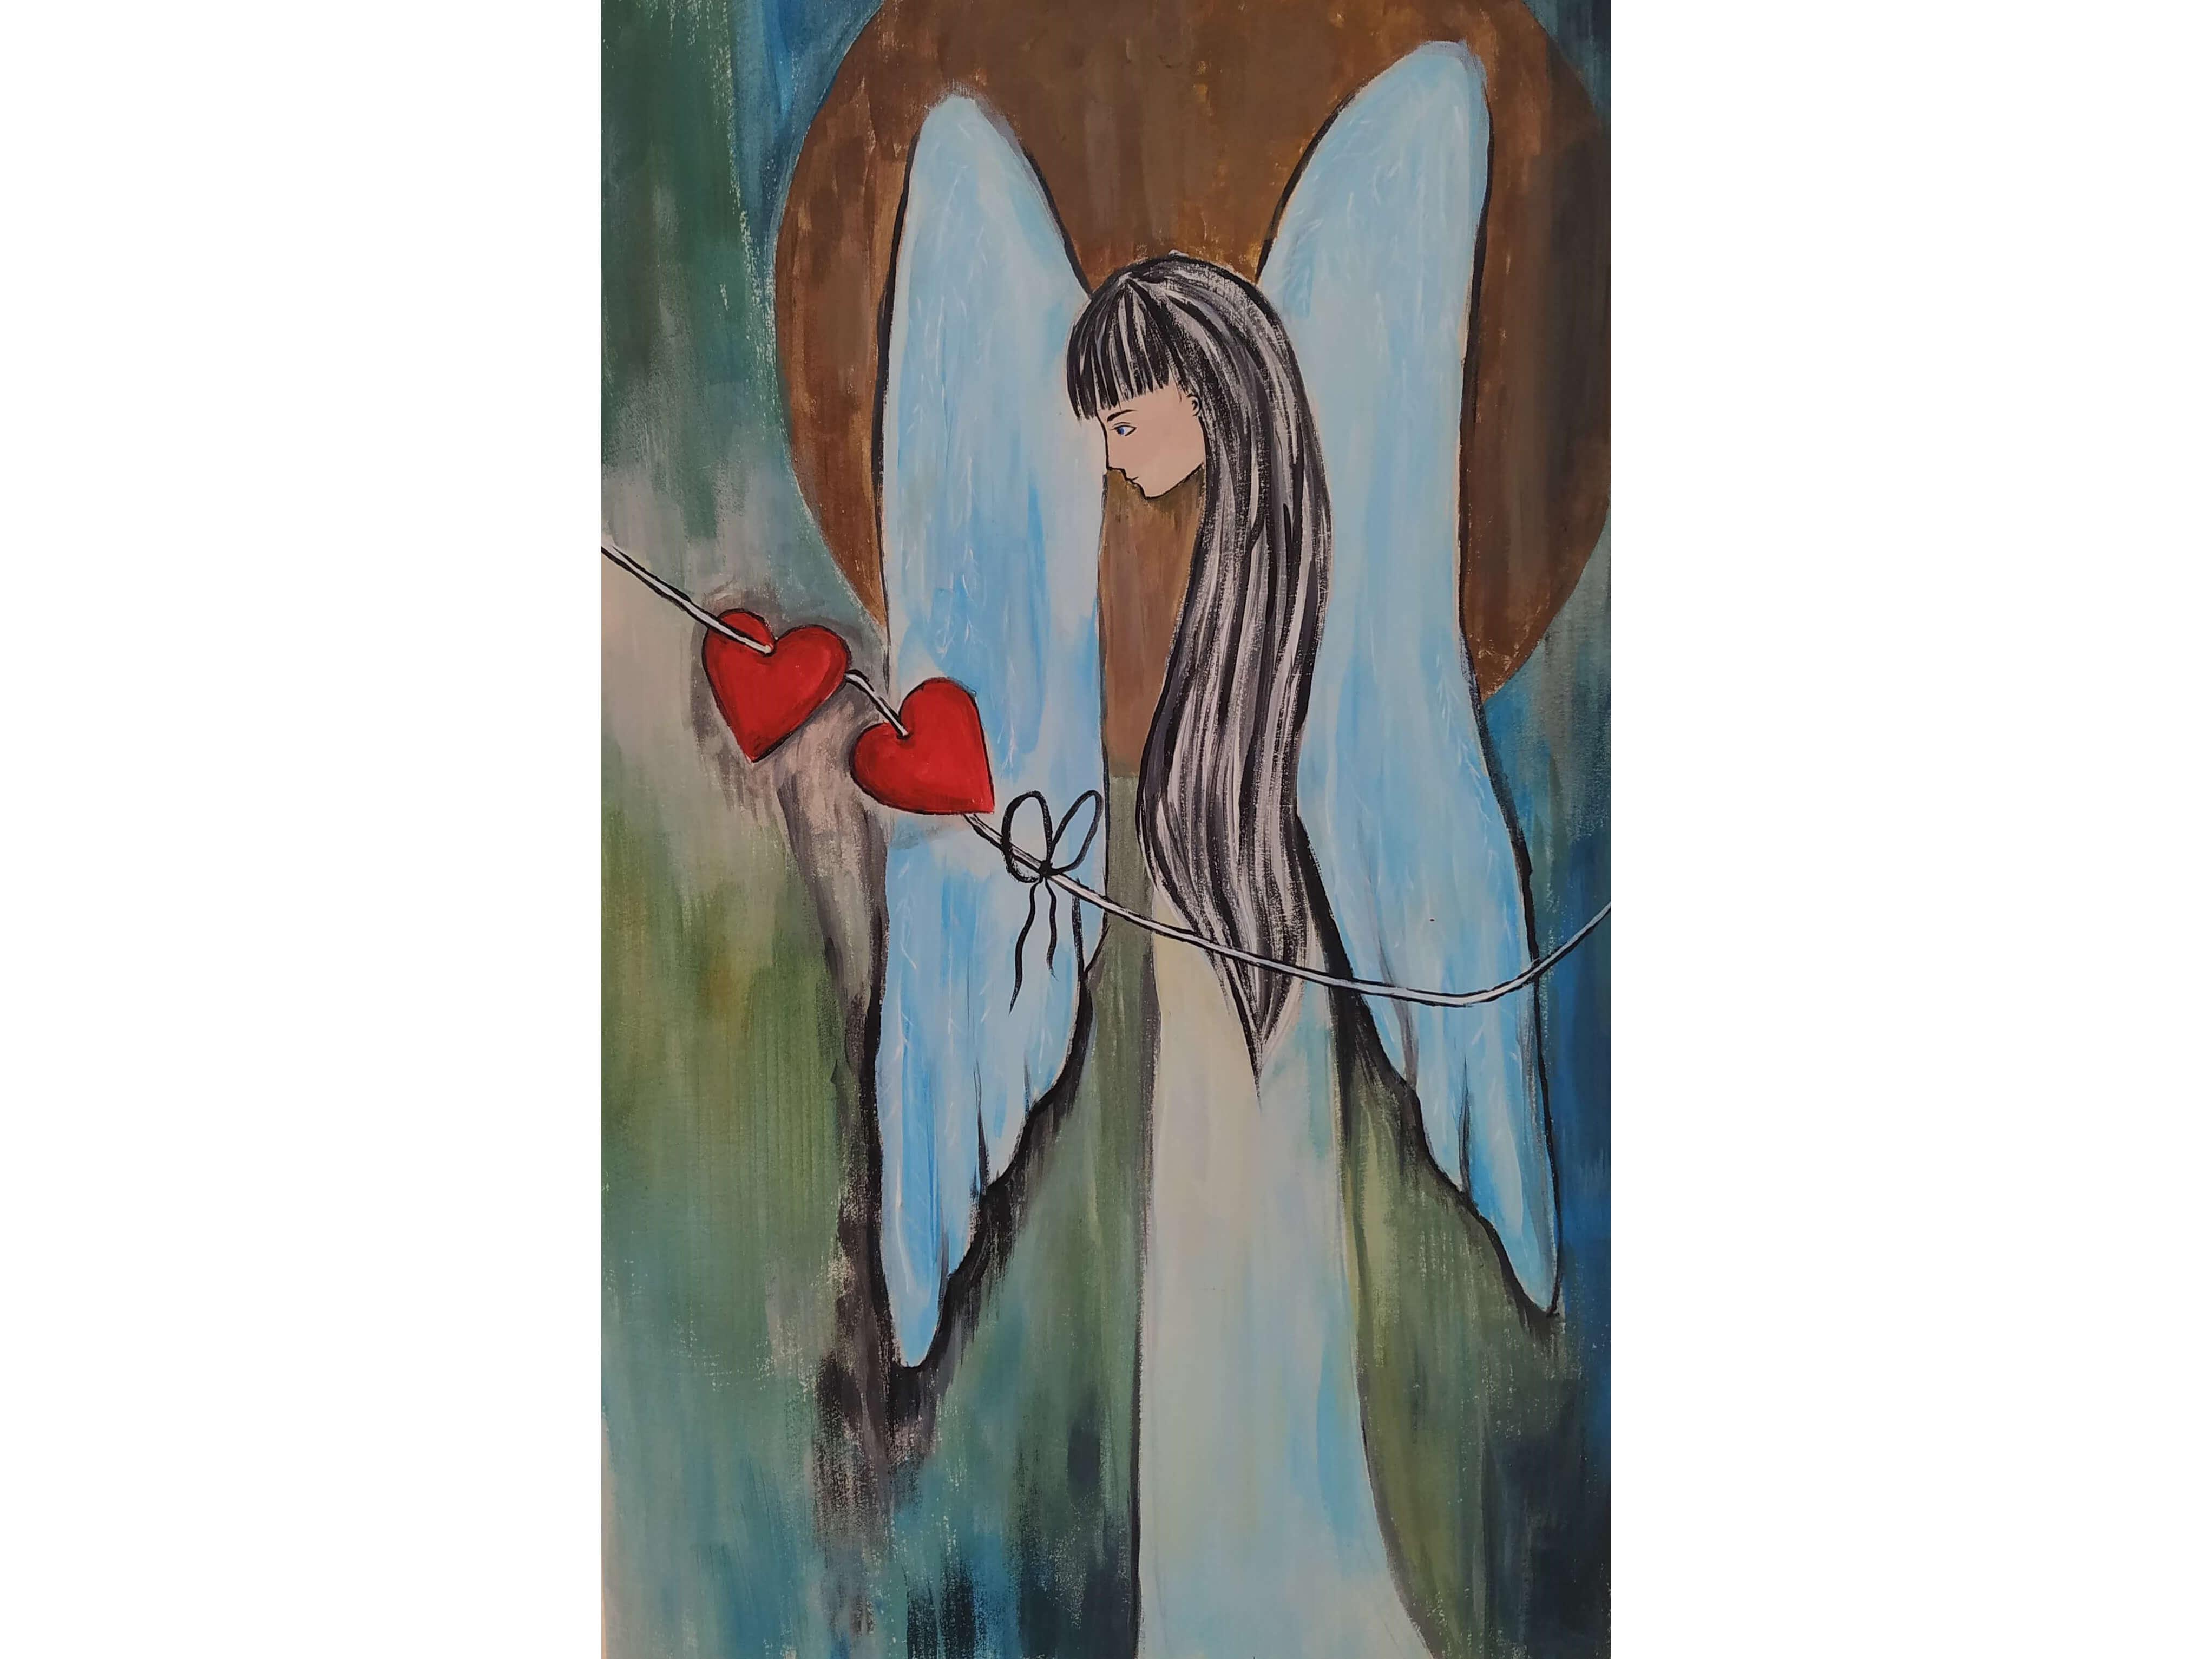 """Релаксиране с чаша вино и рисуване върху дърво """"Нарисувай своя ангел"""" – 27.12.2019 г."""